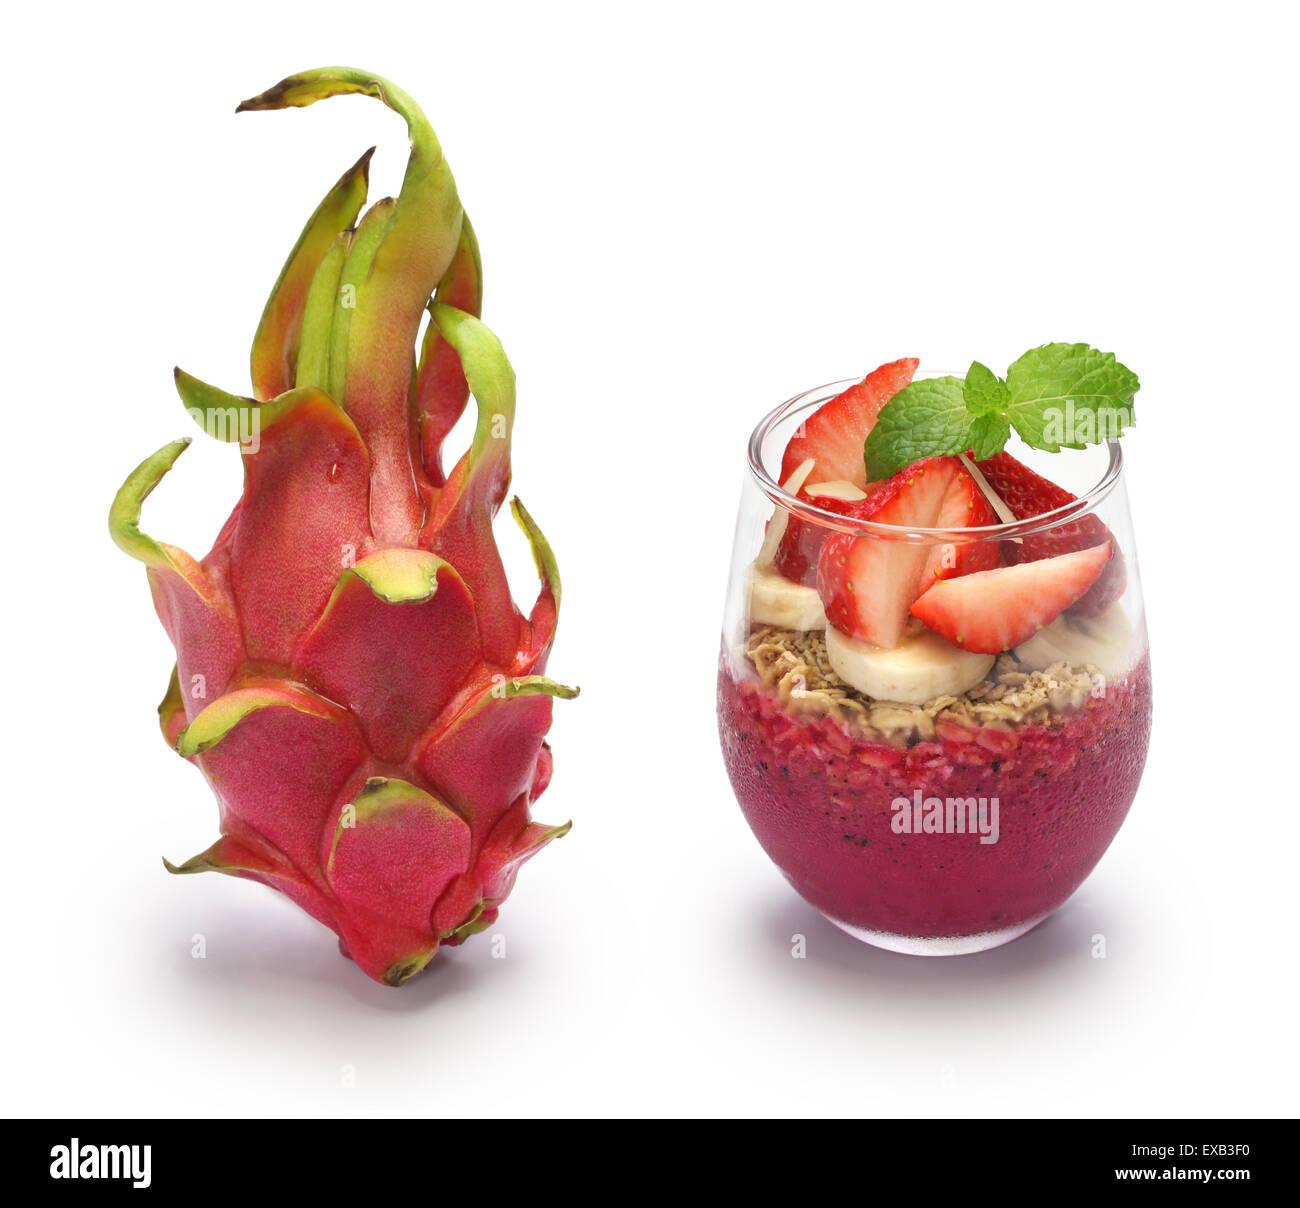 dragon fruit and pitaya bowl on white background - Stock Image